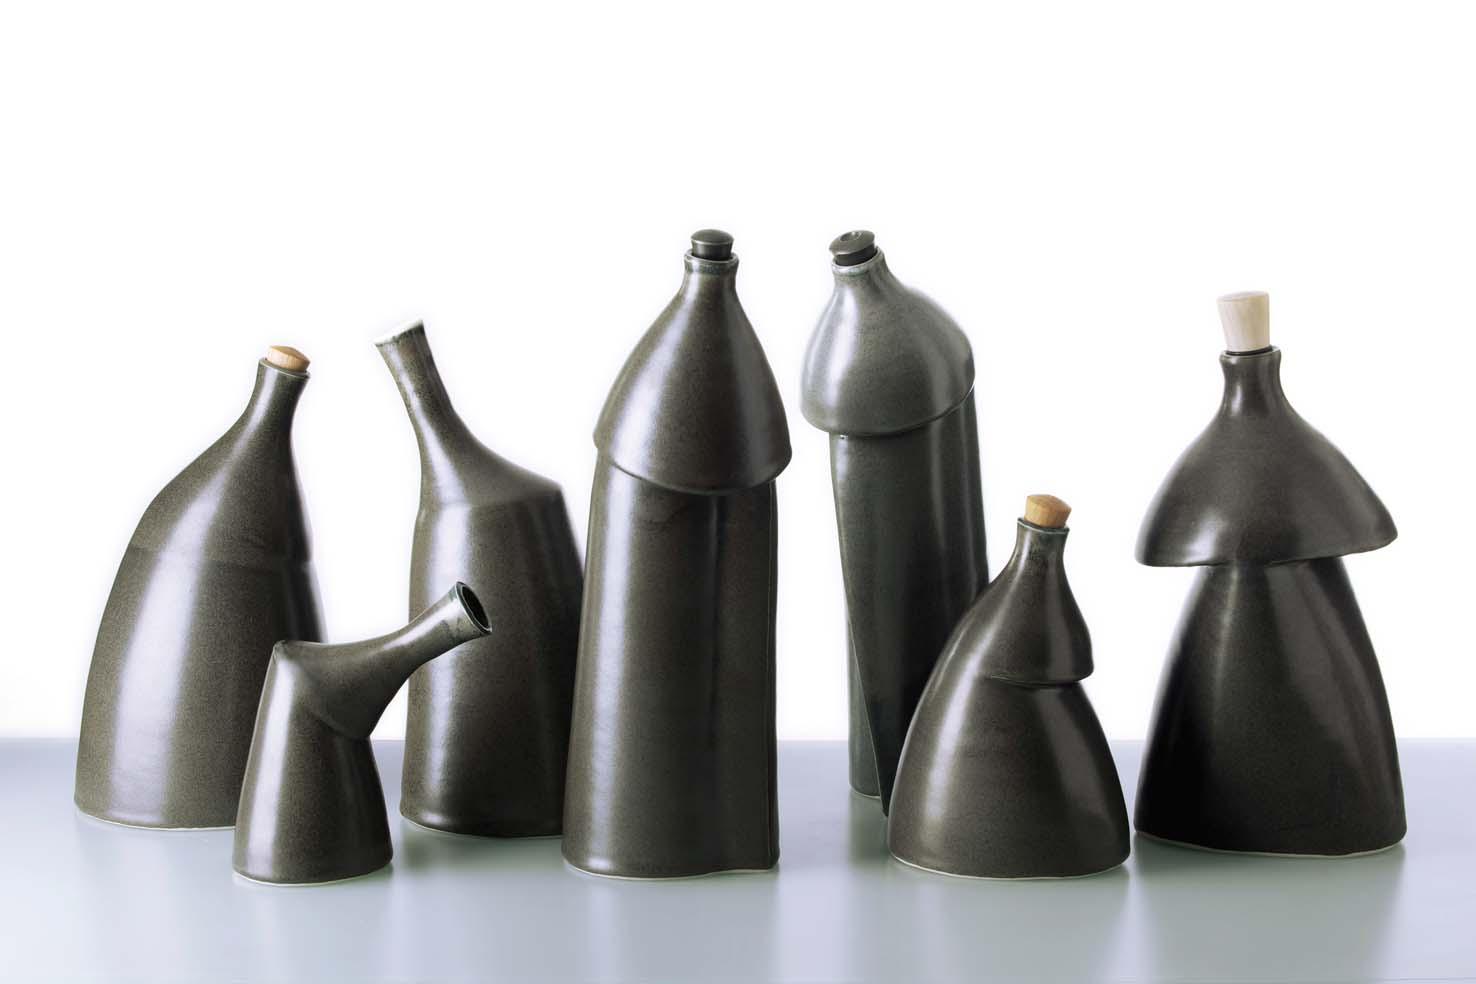 Sorte flasker på række.jpg